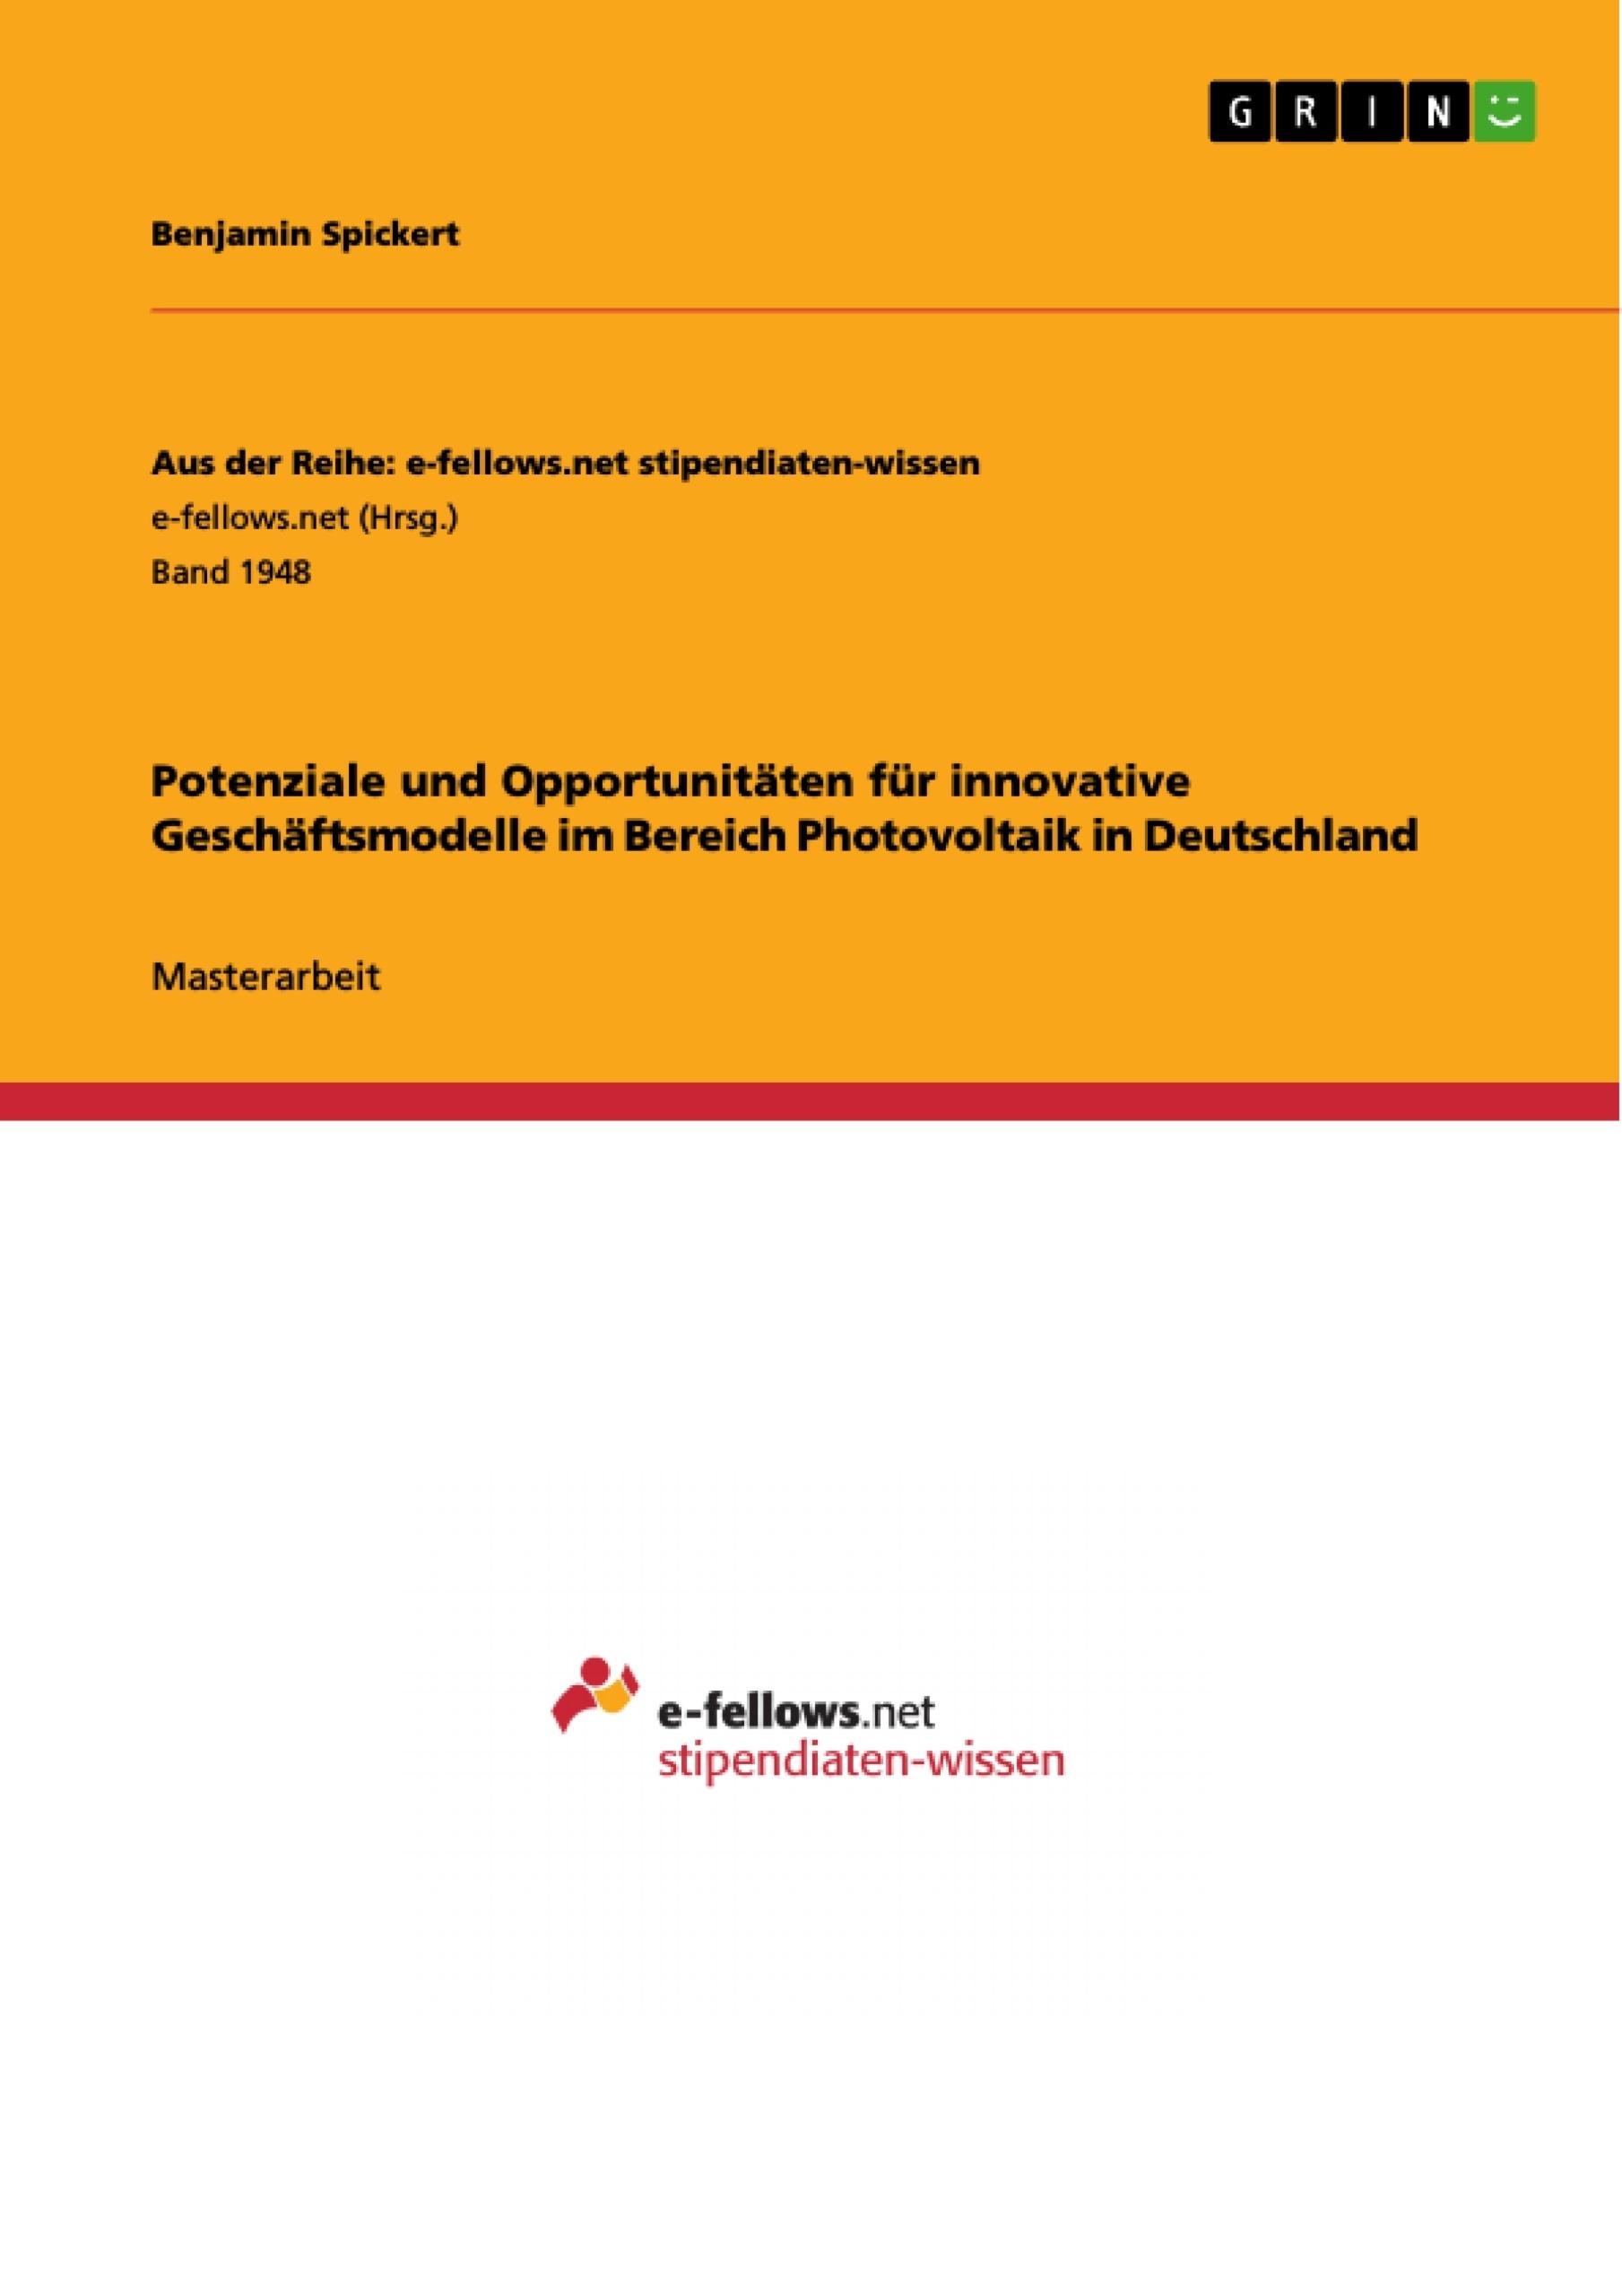 Titel: Potenziale und Opportunitäten für innovative Geschäftsmodelle im Bereich Photovoltaik in Deutschland